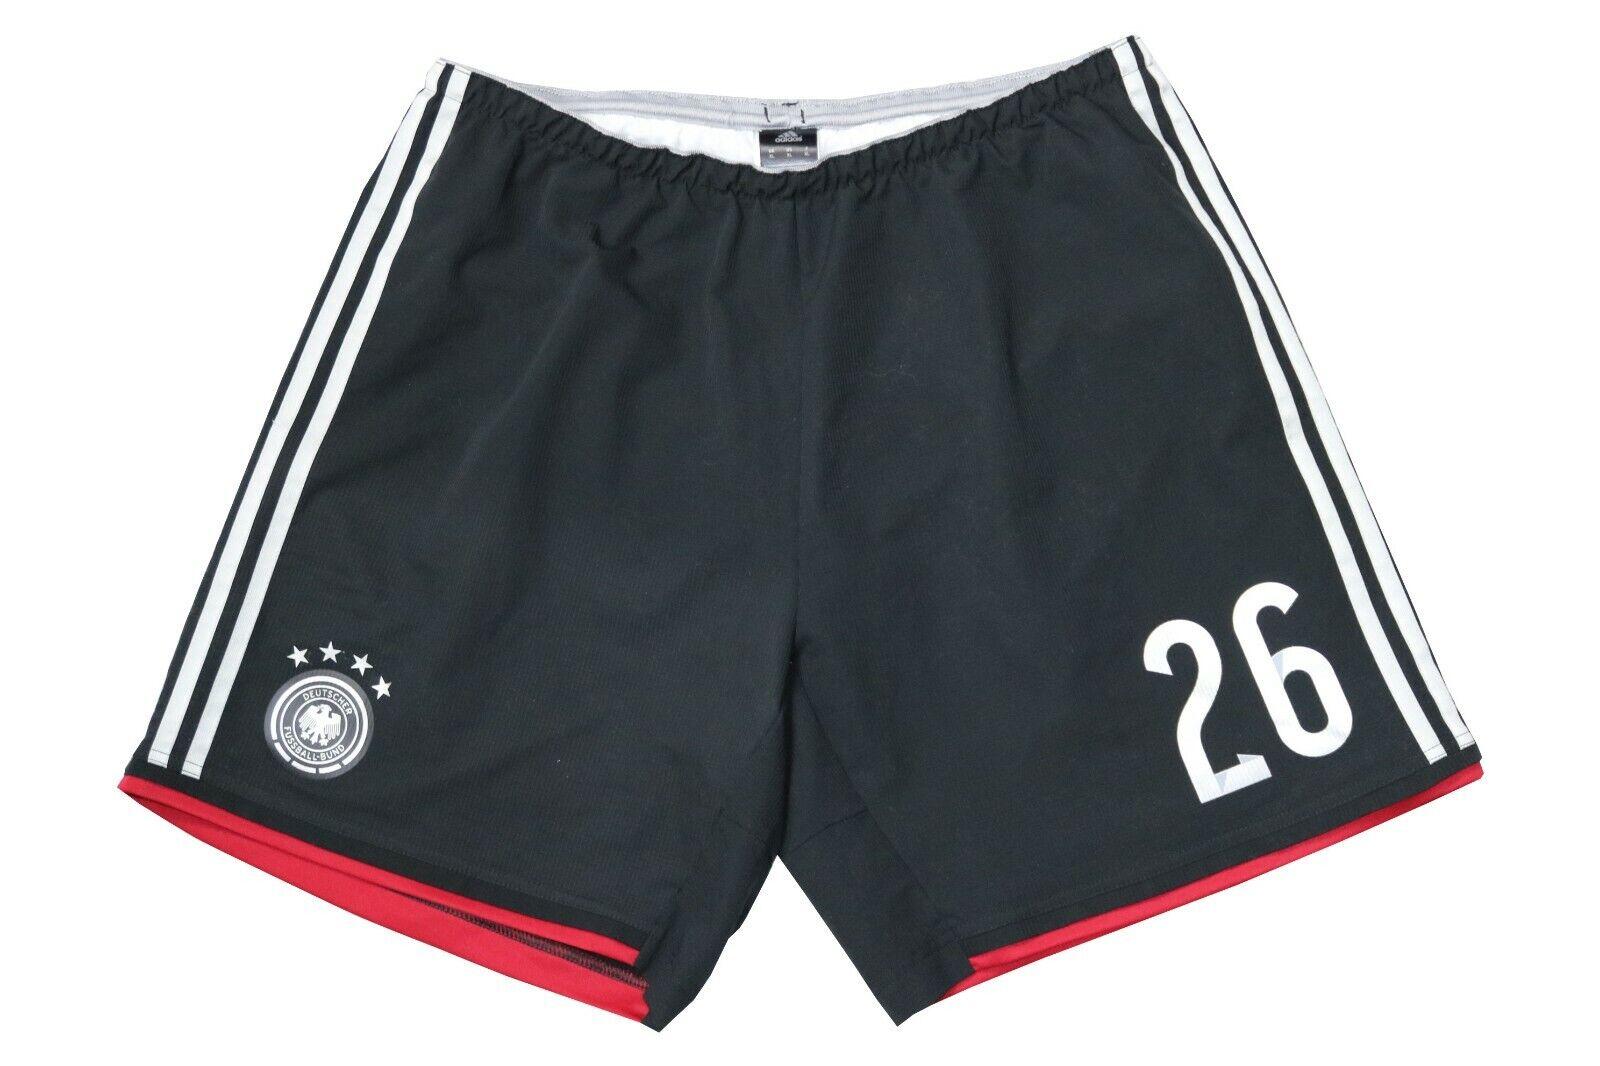 Adidas DFB Deutschland Shorts Sporthose Hose Gr. XL 2014 WM black 4 Sterne